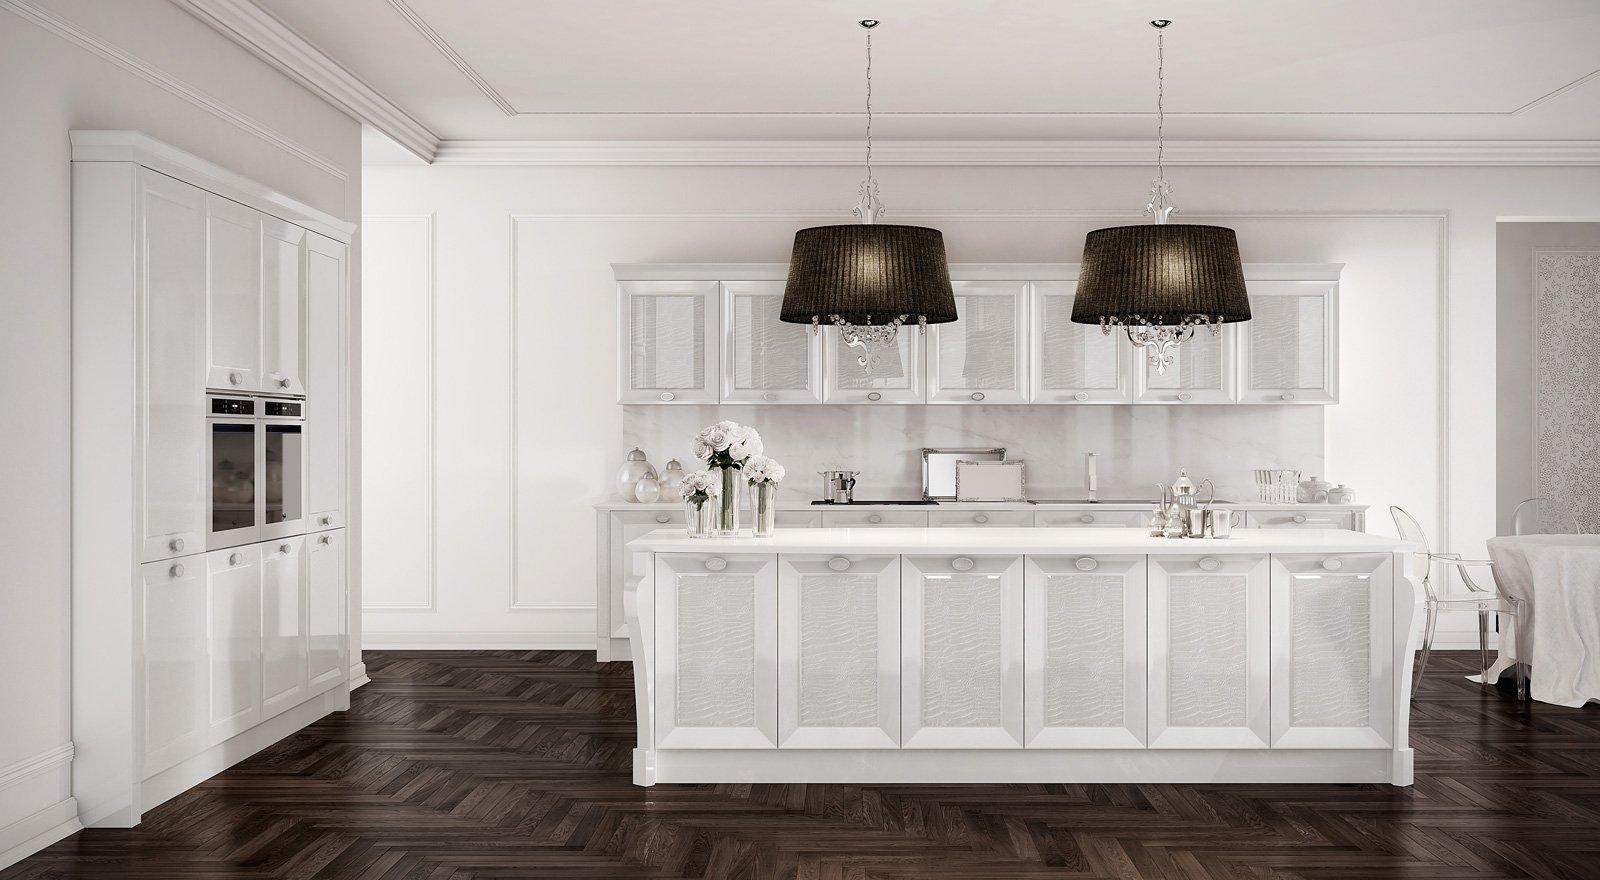 Cucine bianche: e la stanza sembra più grande e luminosa - Cose di ...